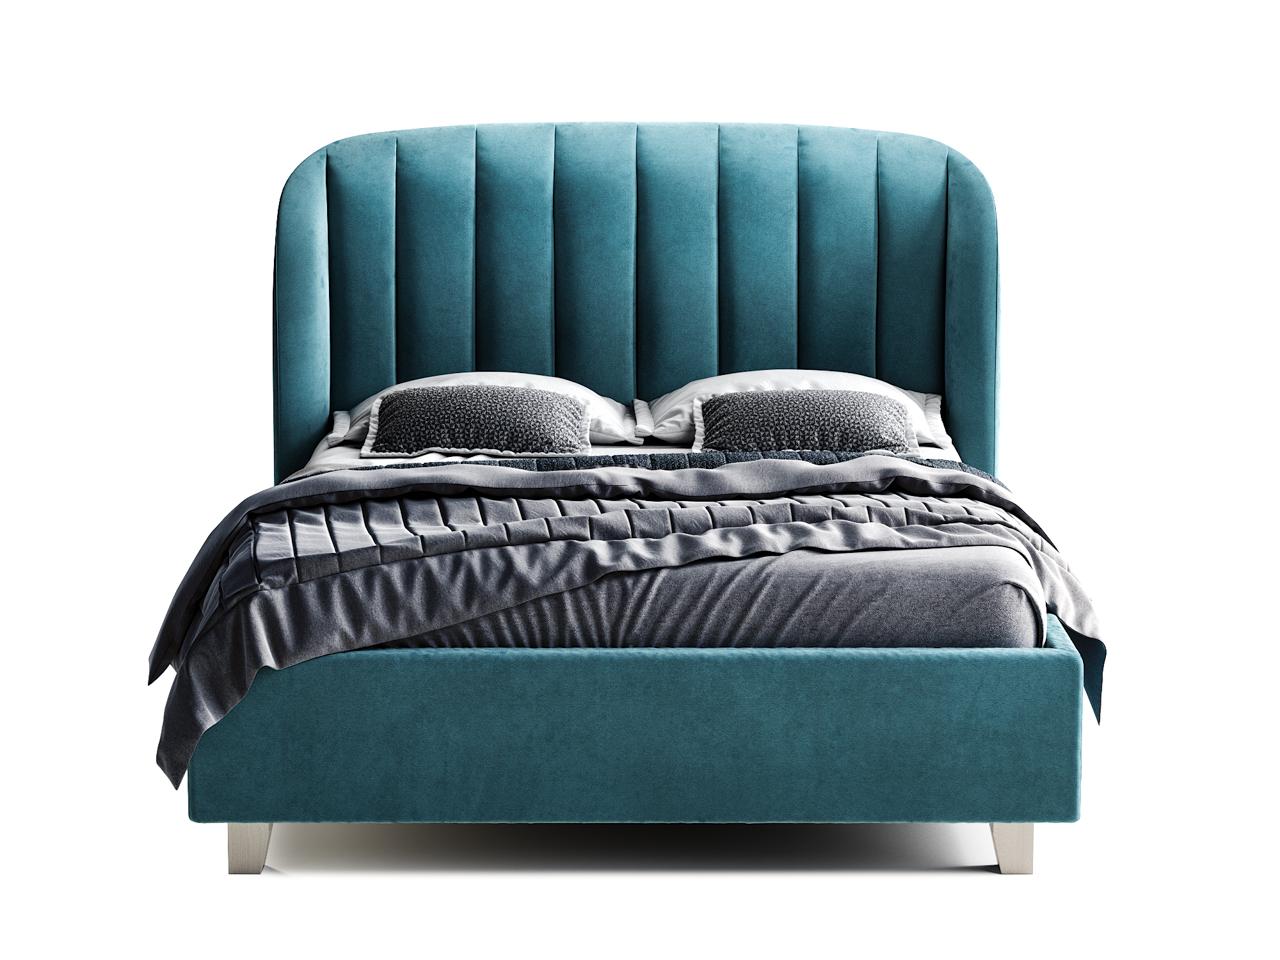 Кровать tulip (the idea) голубой 192x120x230 см. фото